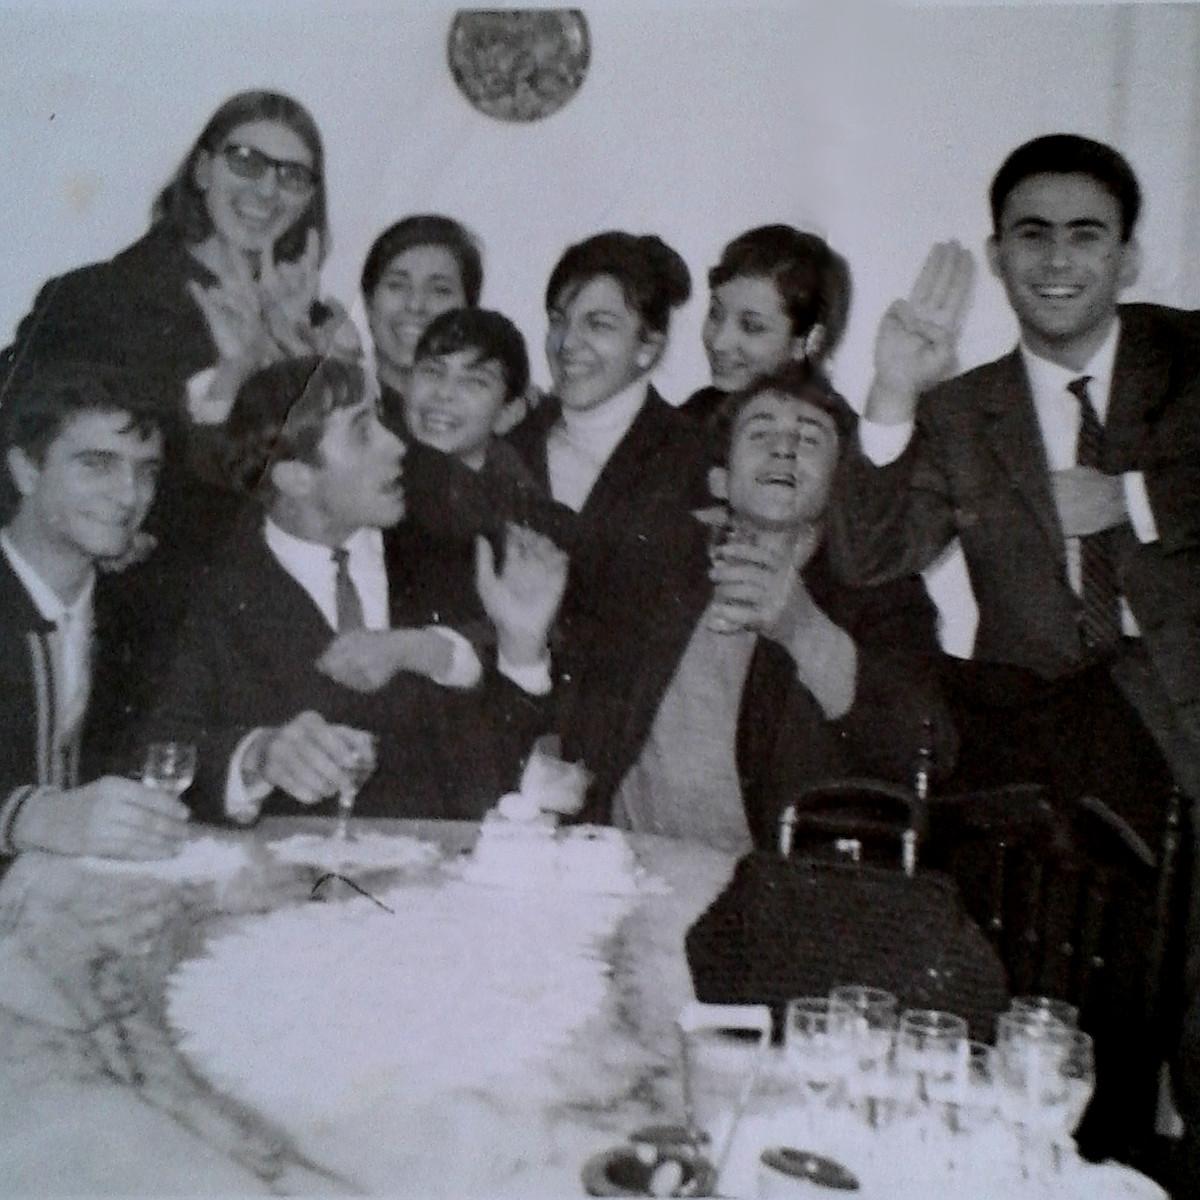 Pace Bianco E Nero una festa tra amici, ricordi in bianco e nero - realmonte